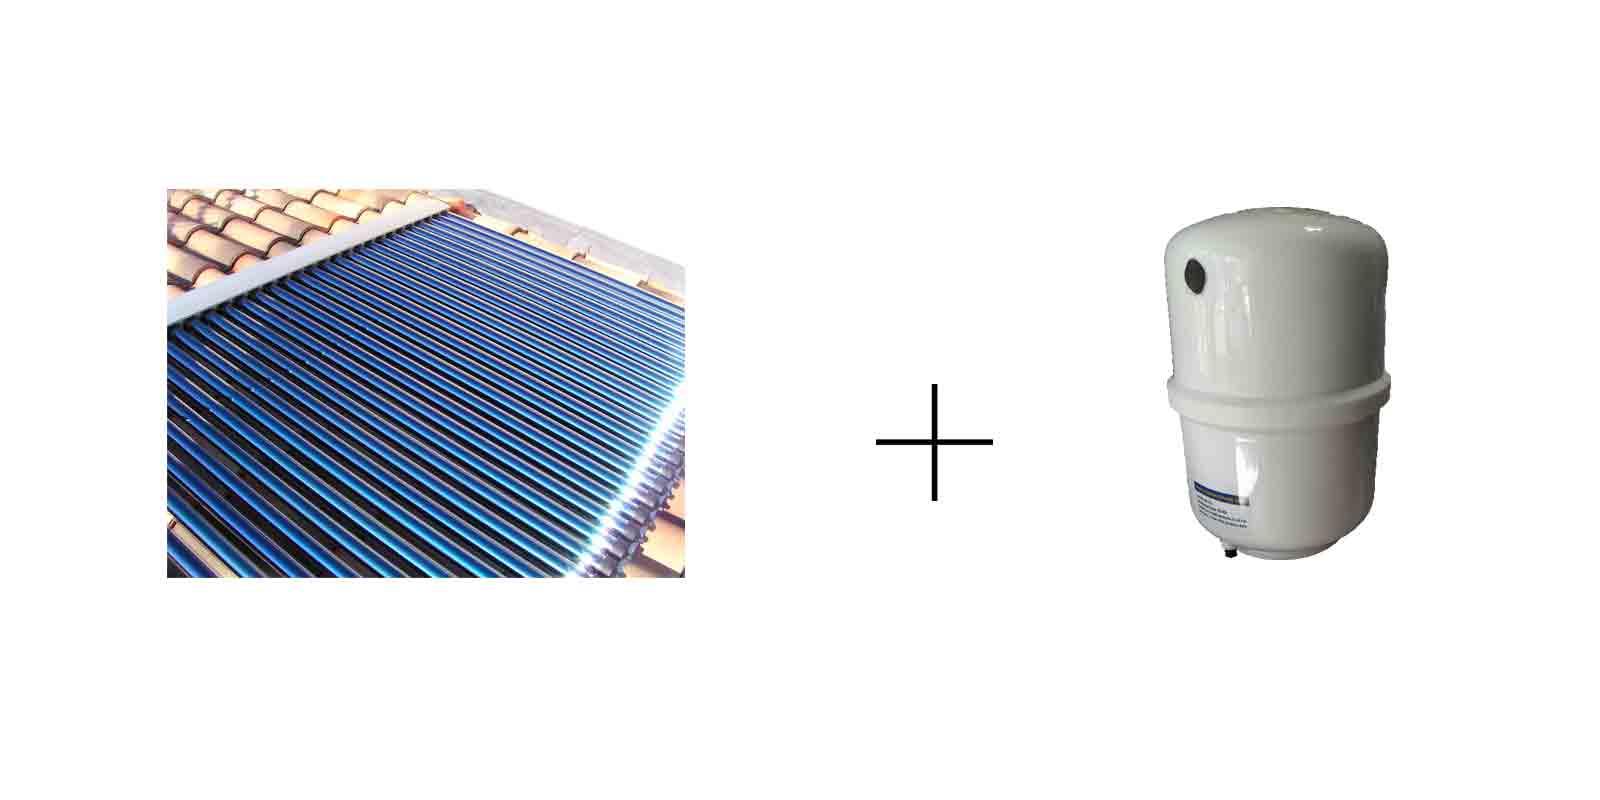 Réalisez des économies en optant pour un chauffe-eau solaire